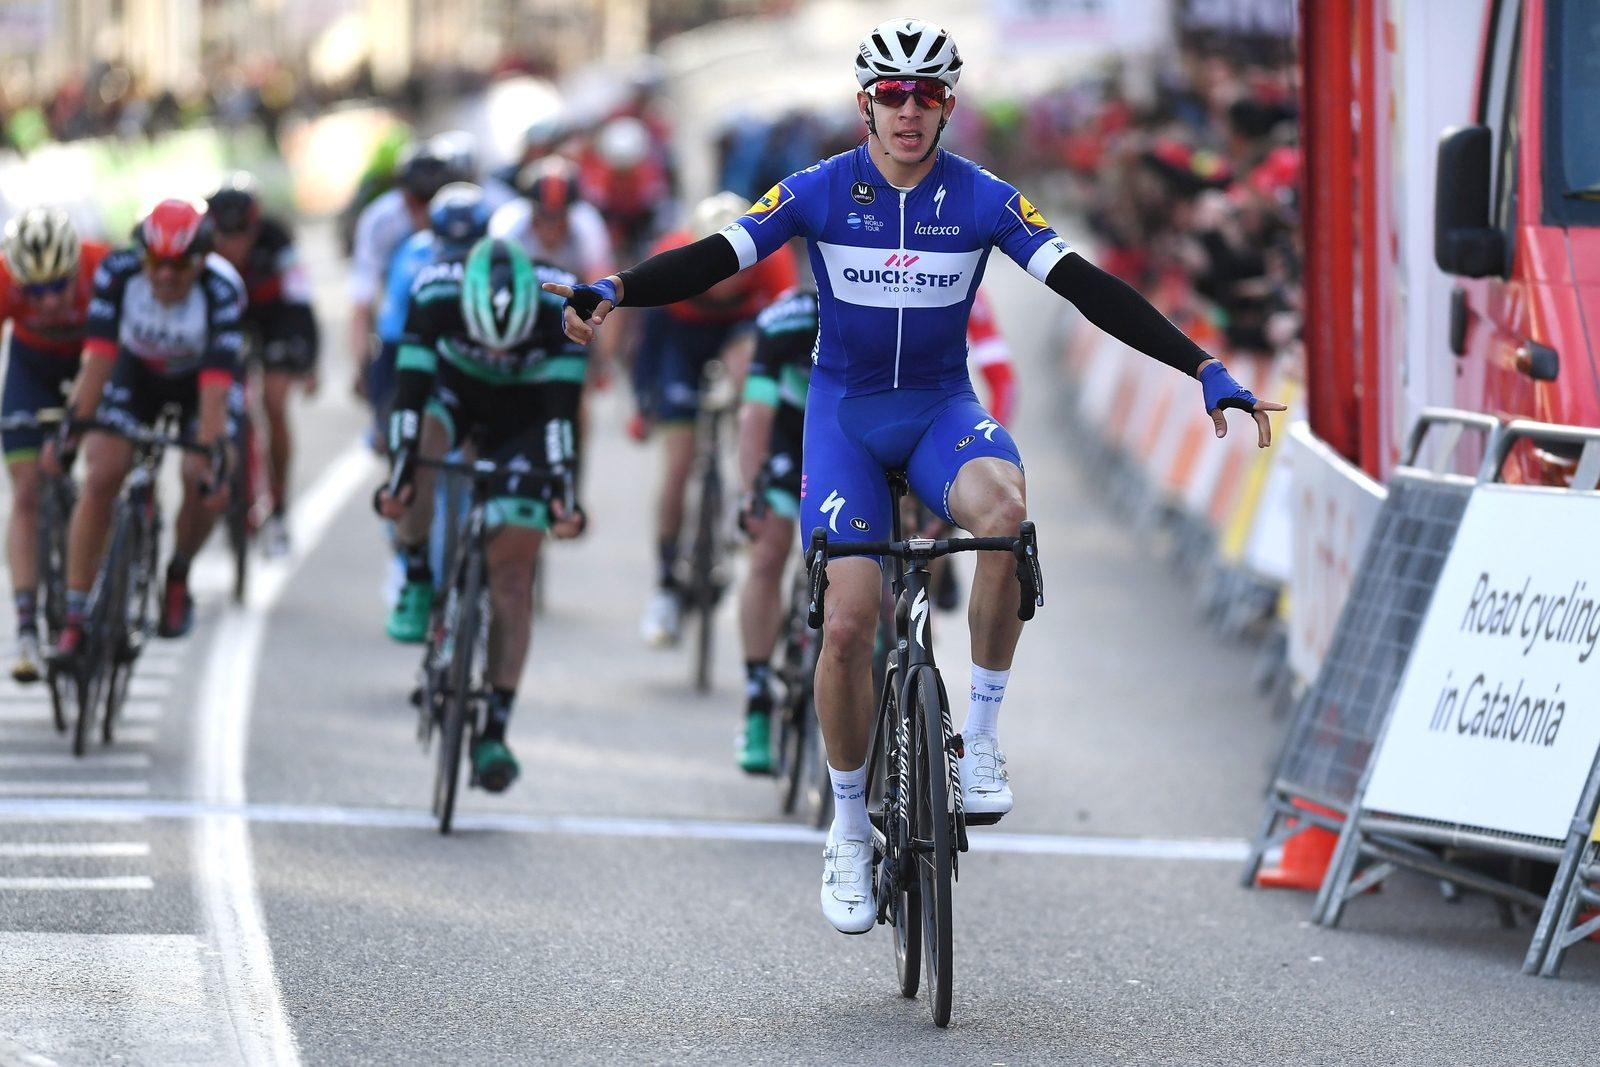 Альваро Одег — победитель первого этапа «Вуэльты Каталонии»